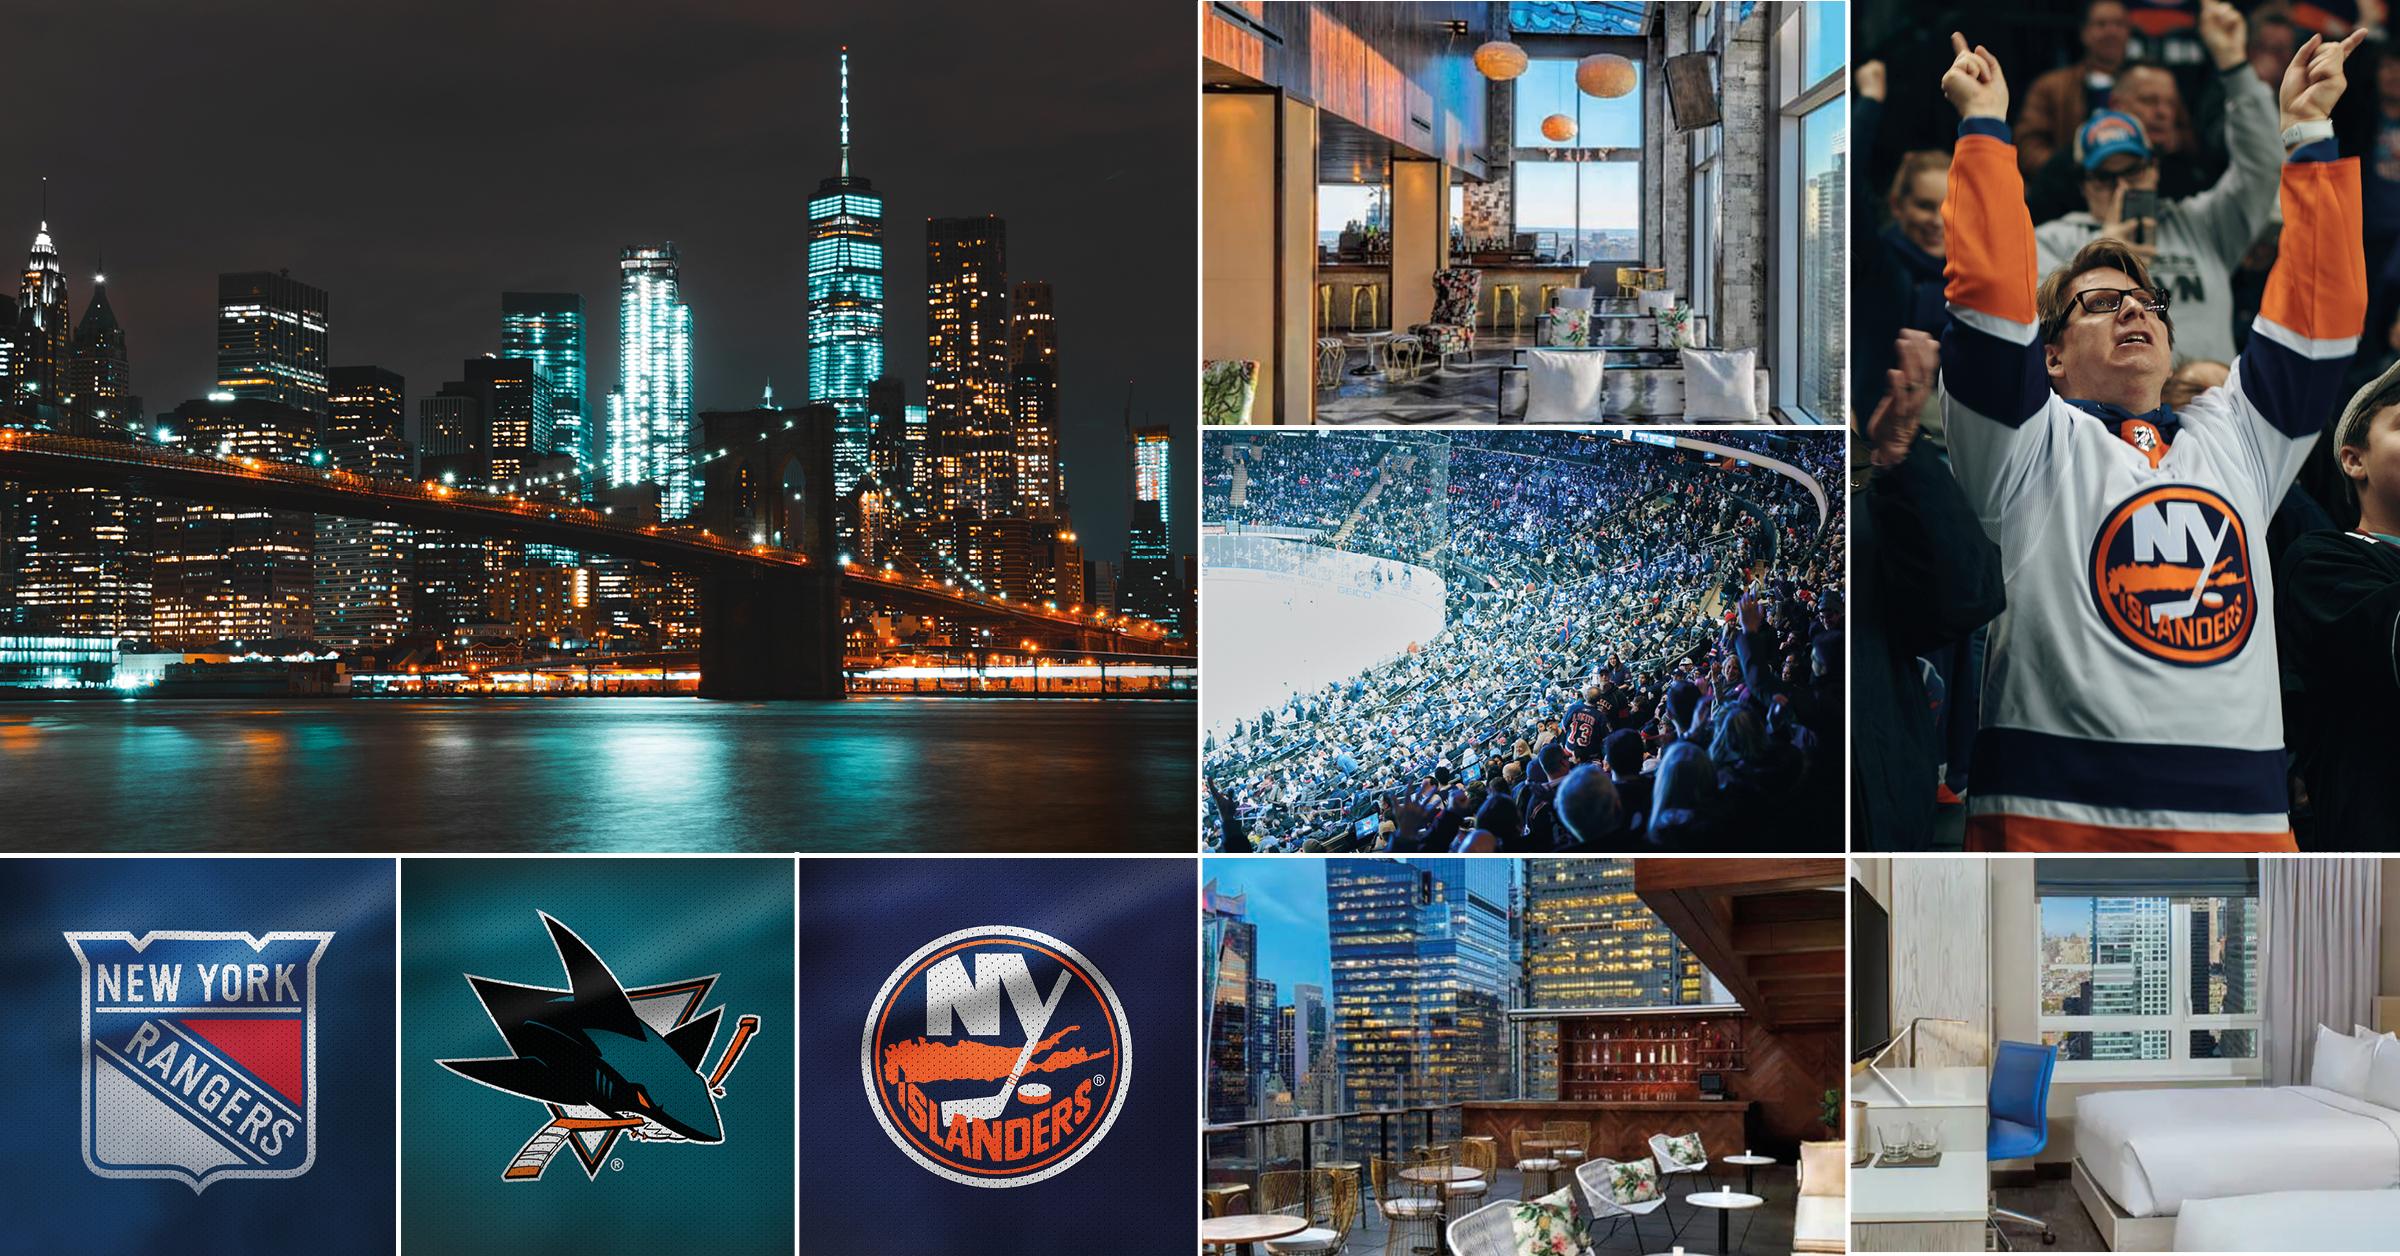 NHL-resa New York21-27 februari 2020 - Direktflyg med SAS t/r, boende fem nätter på Doubletree Hilton Times Square West centralt på Manhattan, stadsrundtur, tre betalda upplevelser och två supermatcher från NHL väntar resenärerna på den här paketresan till New York. Derbyt mellan Rangers och Islanders samt mötet Rangers och Erik Karlssons San Jose Sharks.